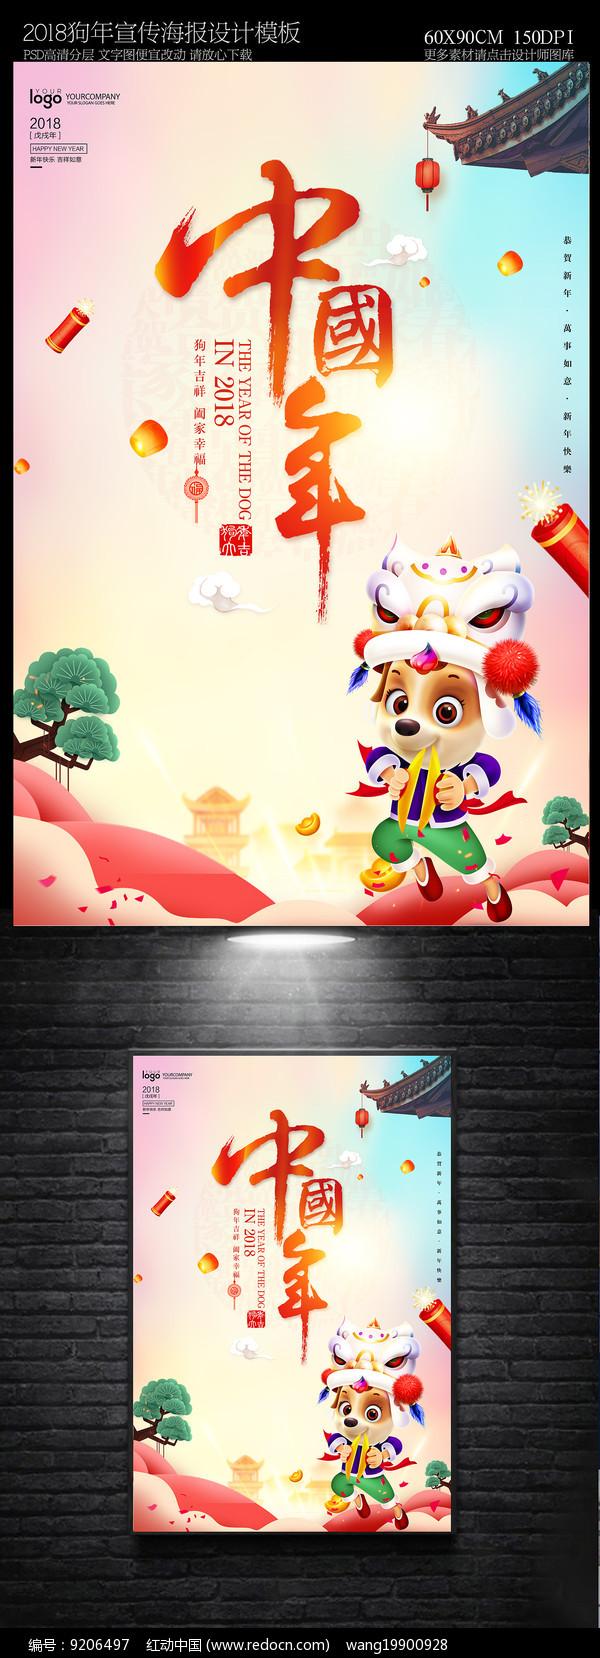 中国风卡通2018中国年海报图片